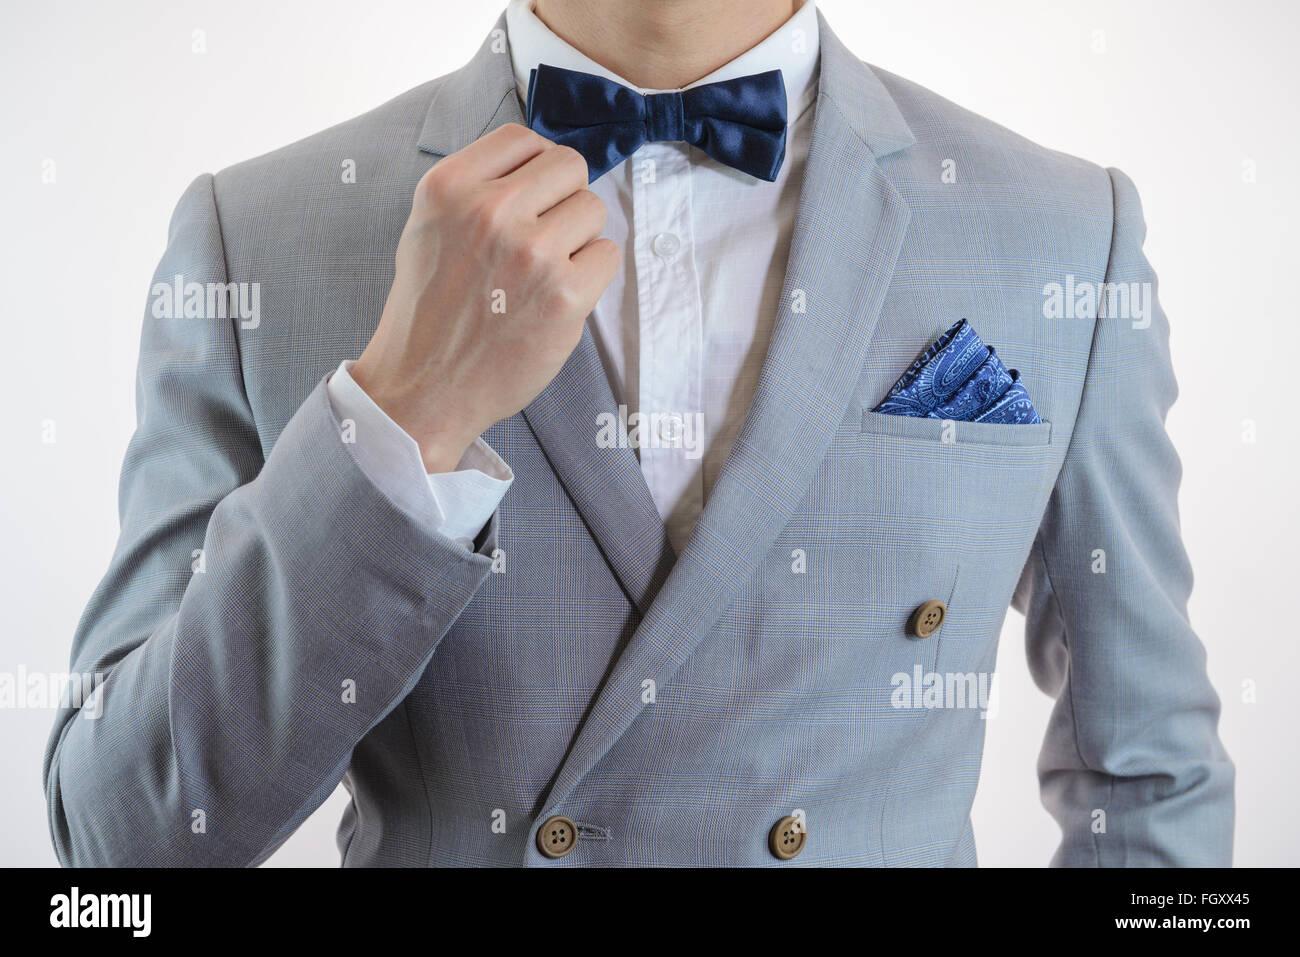 Anzug fliege zum grauen Kaufen Sie